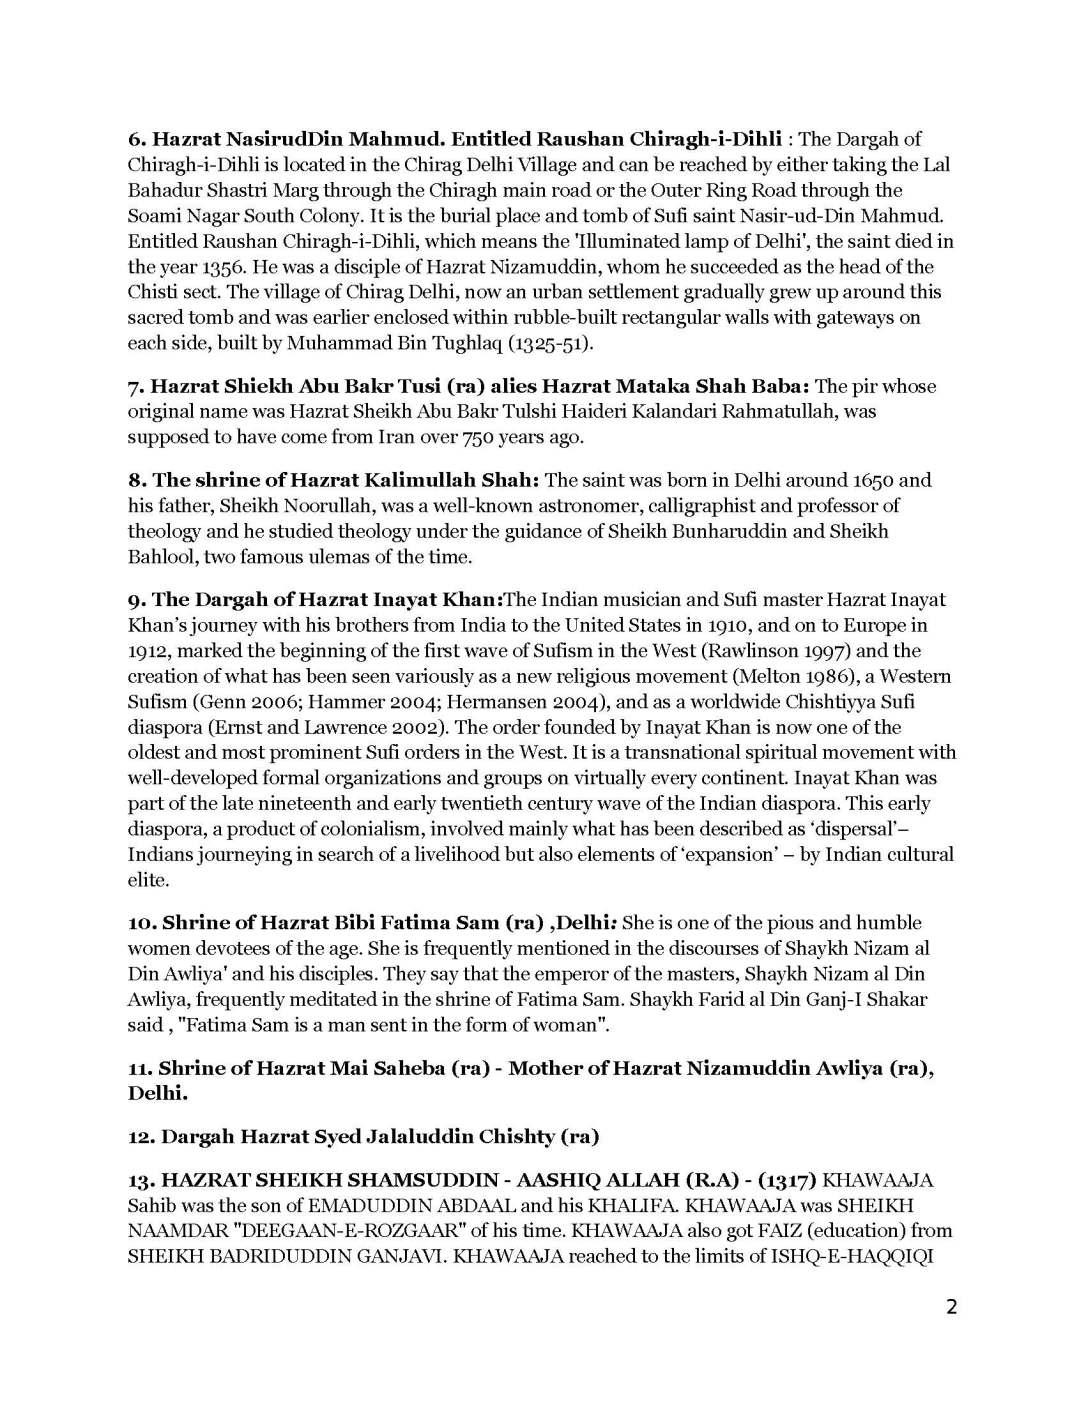 306889533-List-of-Dargahs-in-Delhi_Page_2